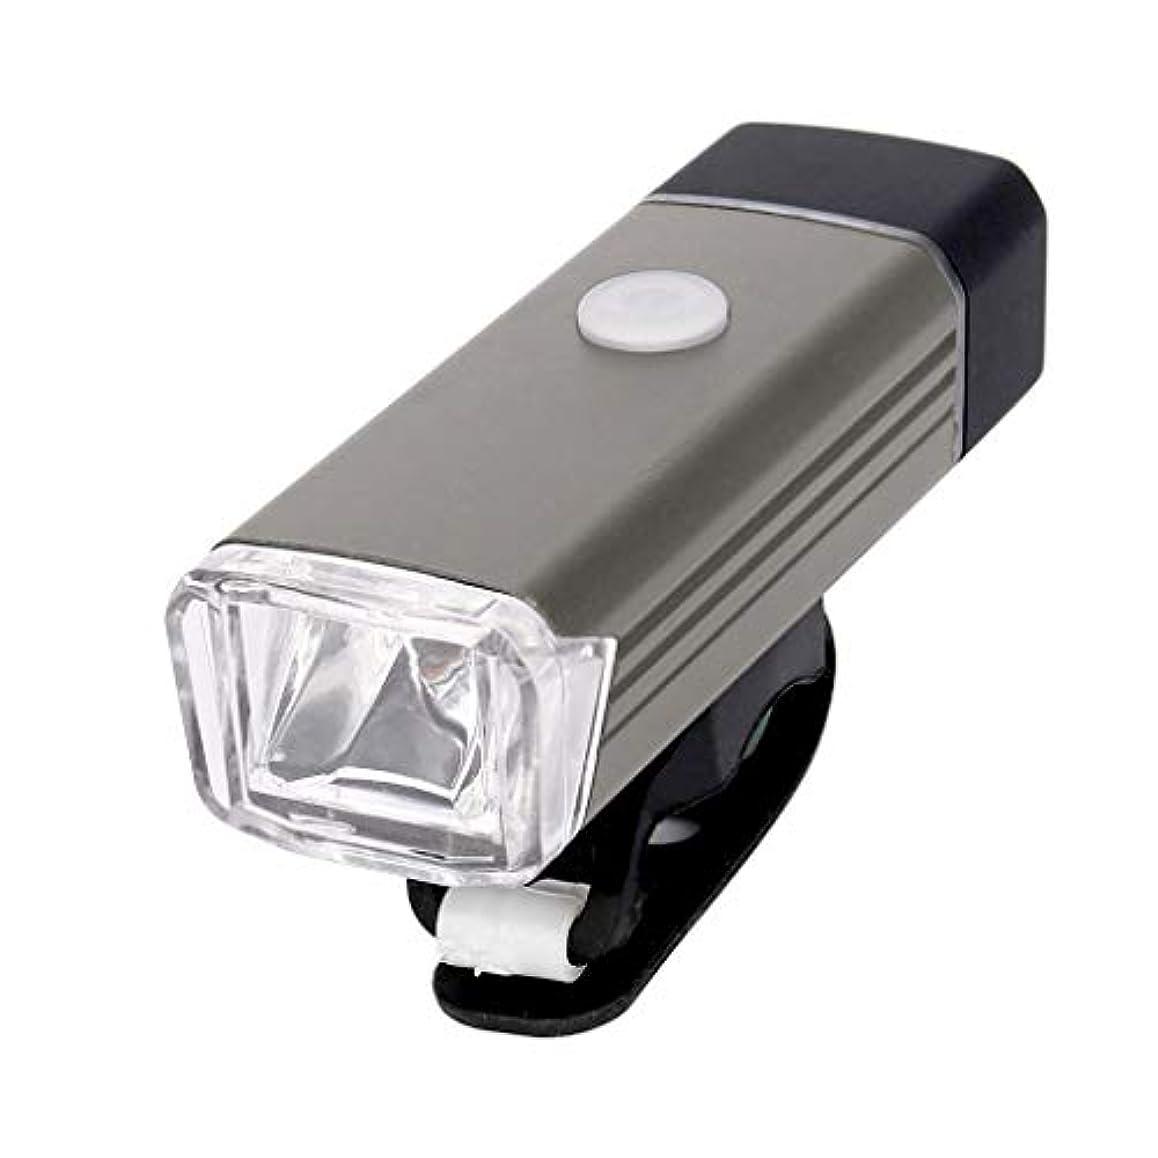 じゃがいもクリーナー裏切るPalaver 自転車用ライトセット パワフル 充電式 超明るい LED フロントサイドライト 無料のリアテールライト